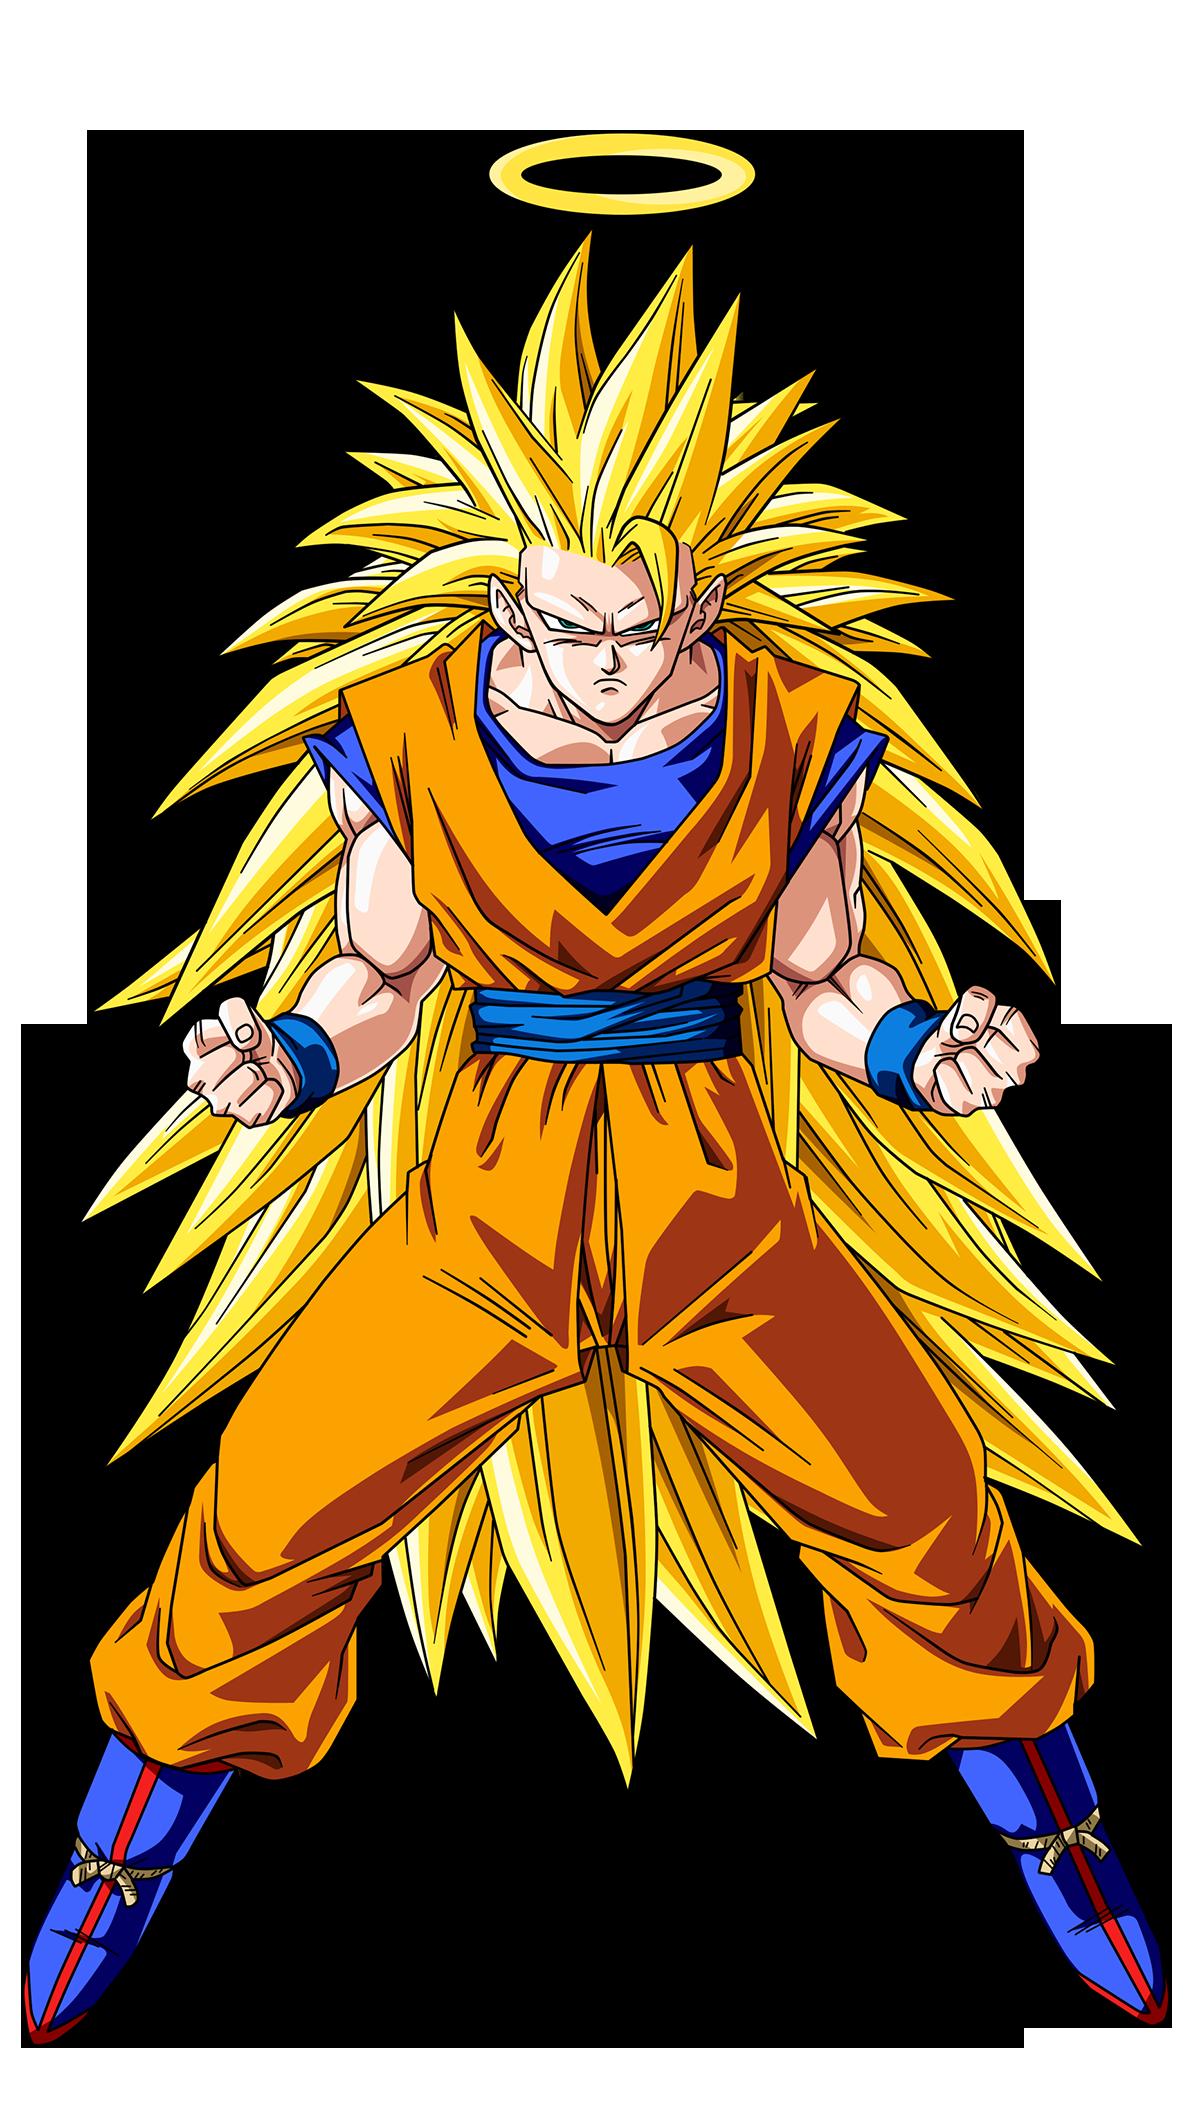 Dragon Ball Z Hashtags: Goku Super Sayan 3 ;-) DragonballdragonballZdragonballG